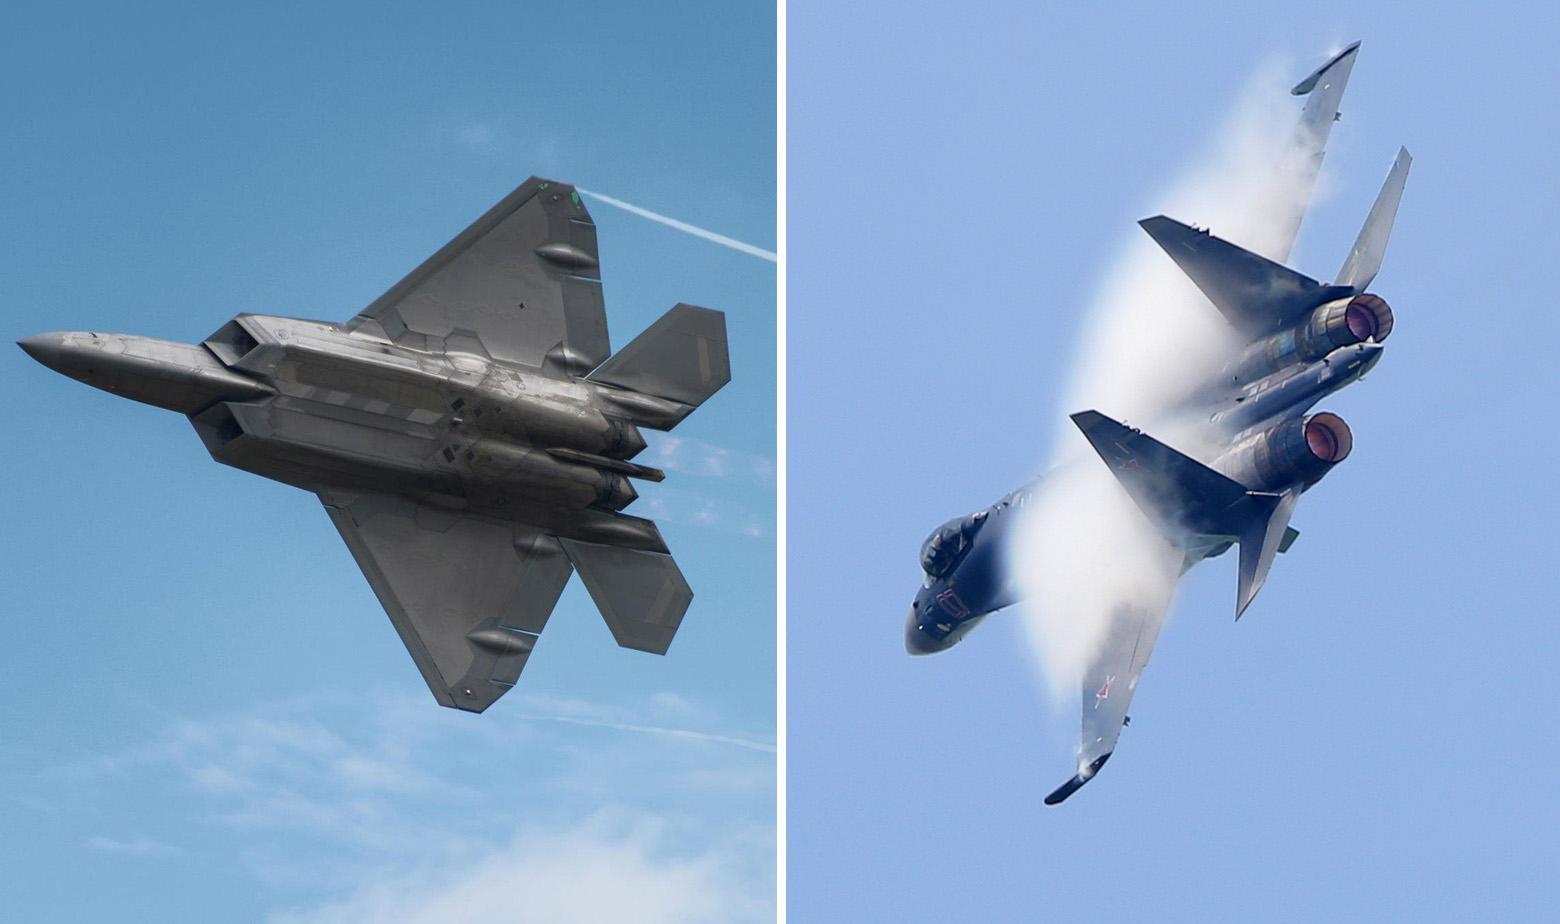 F-22 Raptor i Suhoj Su-35